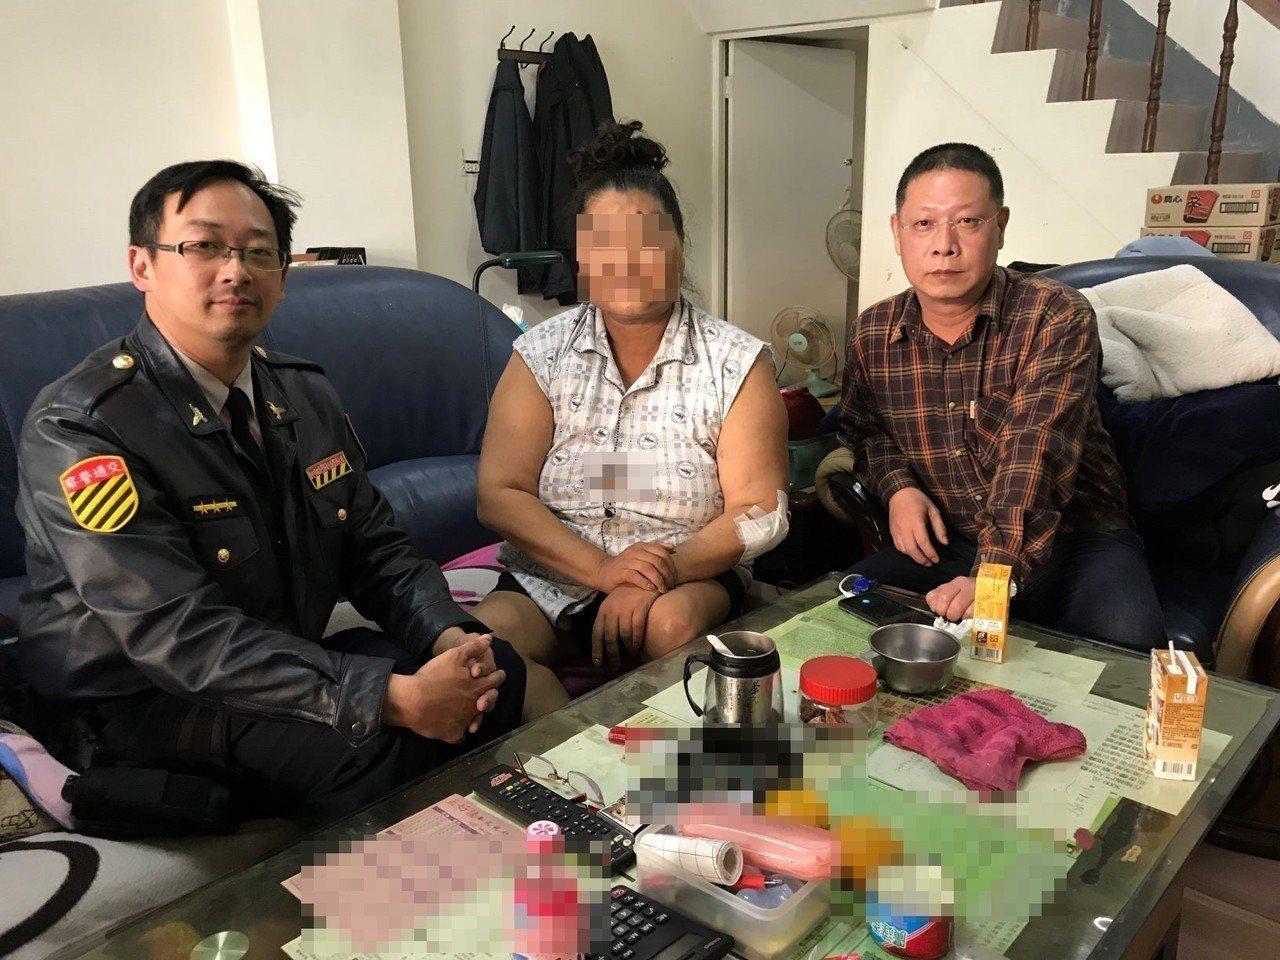 台中市太平警分局交通分隊警員夏尚騰(左)和分隊長柯文彬(右)過年期間一起慰問張婦...